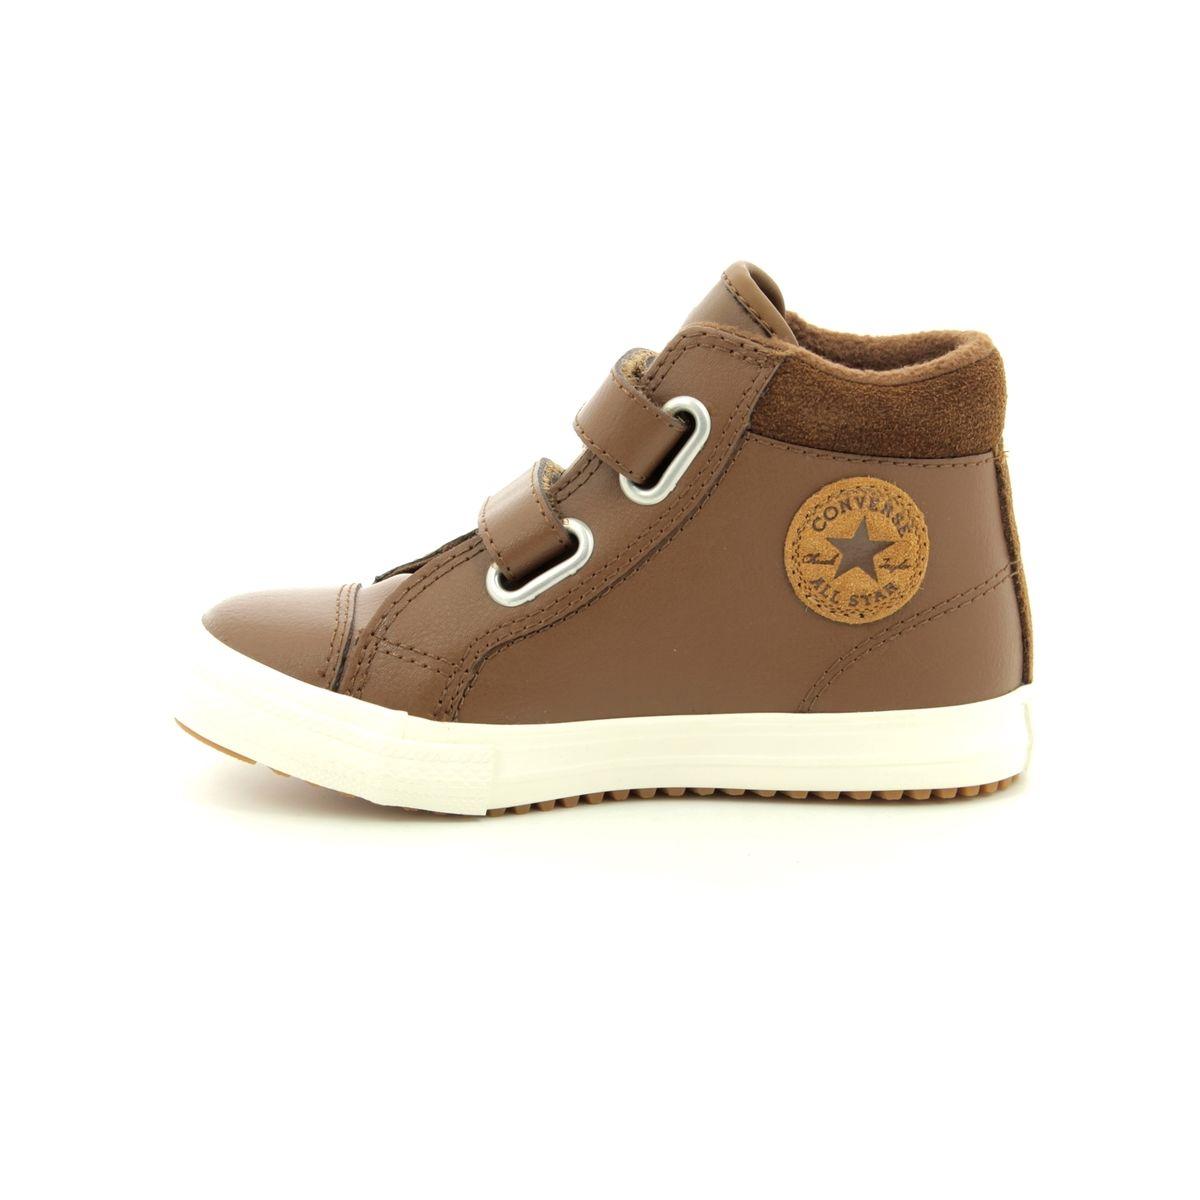 e518f1fa5e35 Converse Boots - Tan Leather - 761982C ALLSTAR PC INF